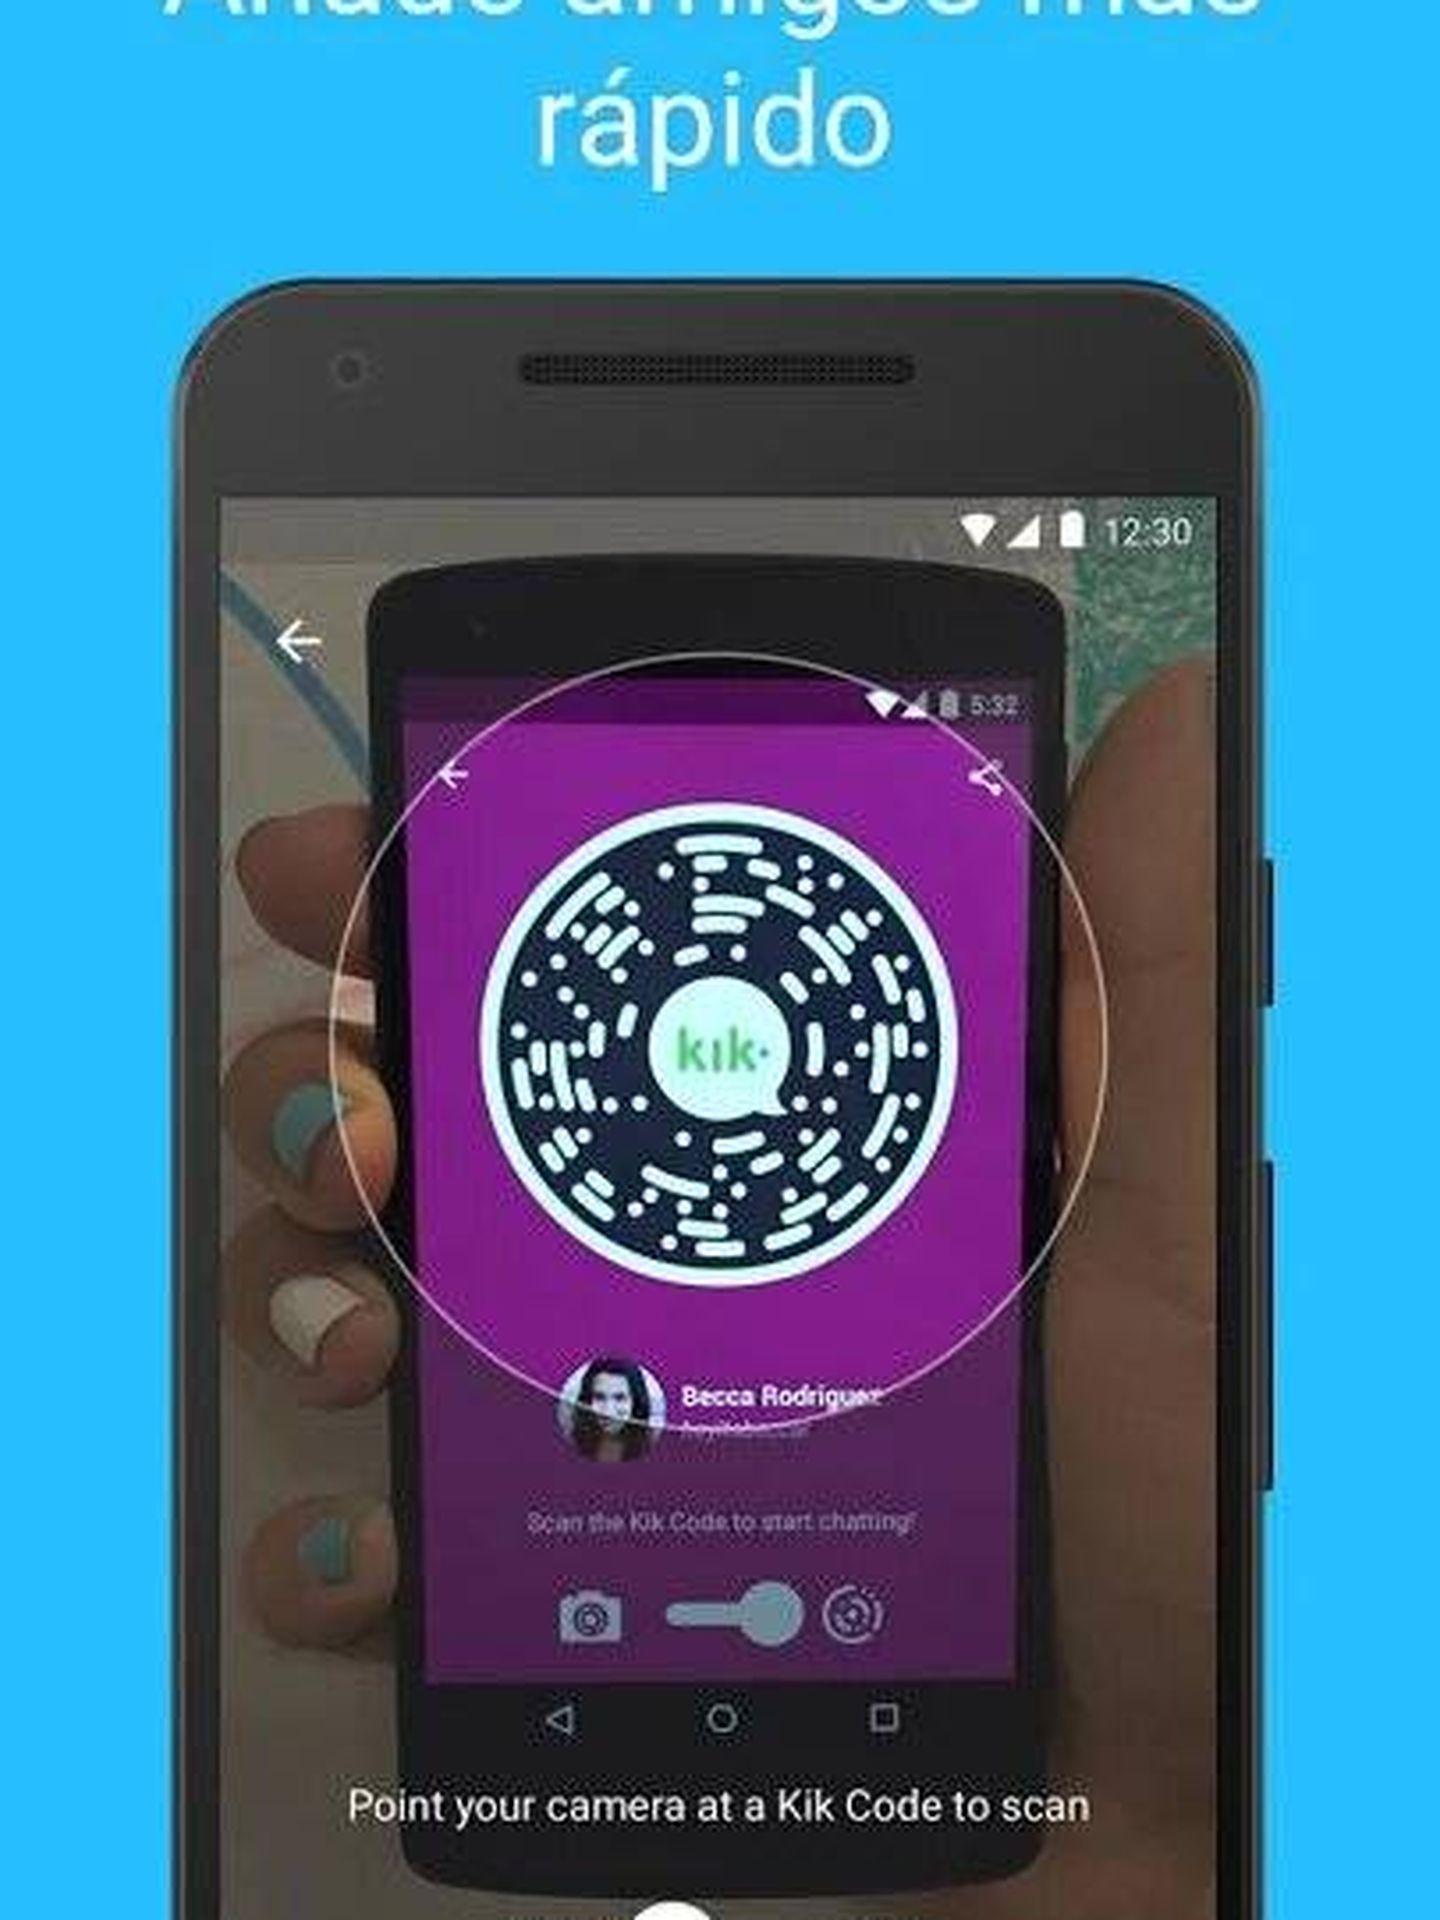 Imagen promocional de Kik, con el código que conecta usuarios. (Imagen: Play Store)